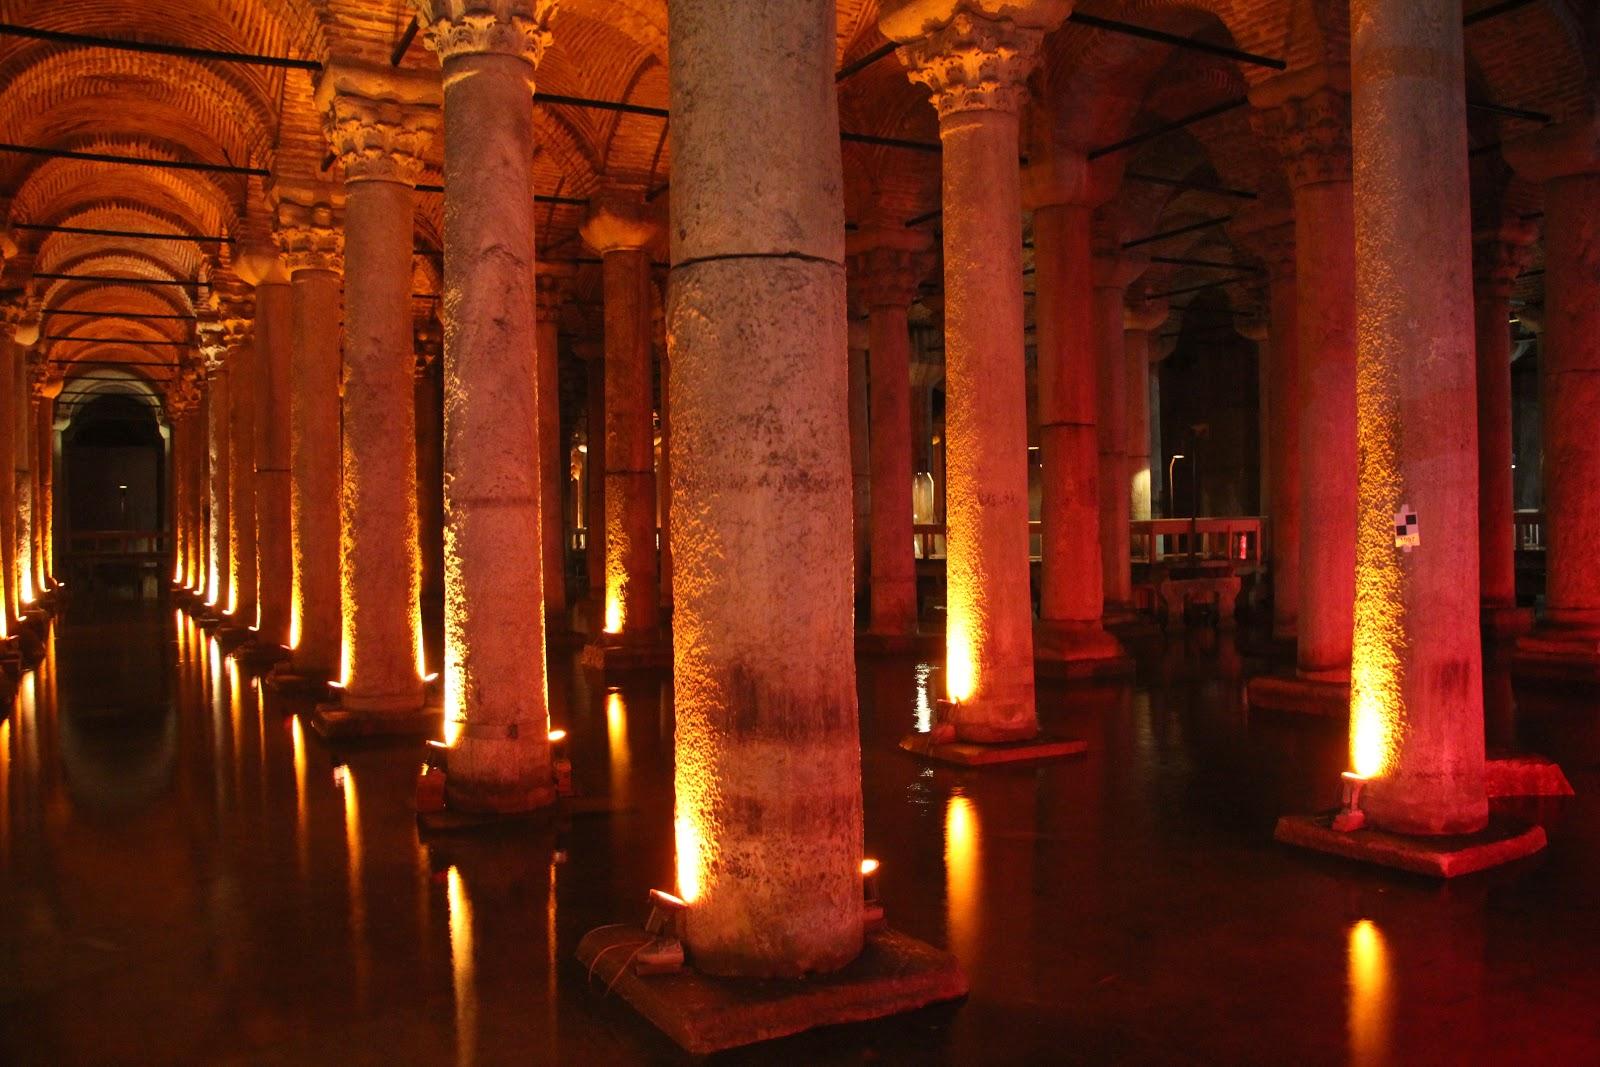 http://3.bp.blogspot.com/-aaawjGgFnyI/T32YaYDd5RI/AAAAAAAAAdg/qA42v1A7tY0/s1600/Istanbul+Cistern.JPG